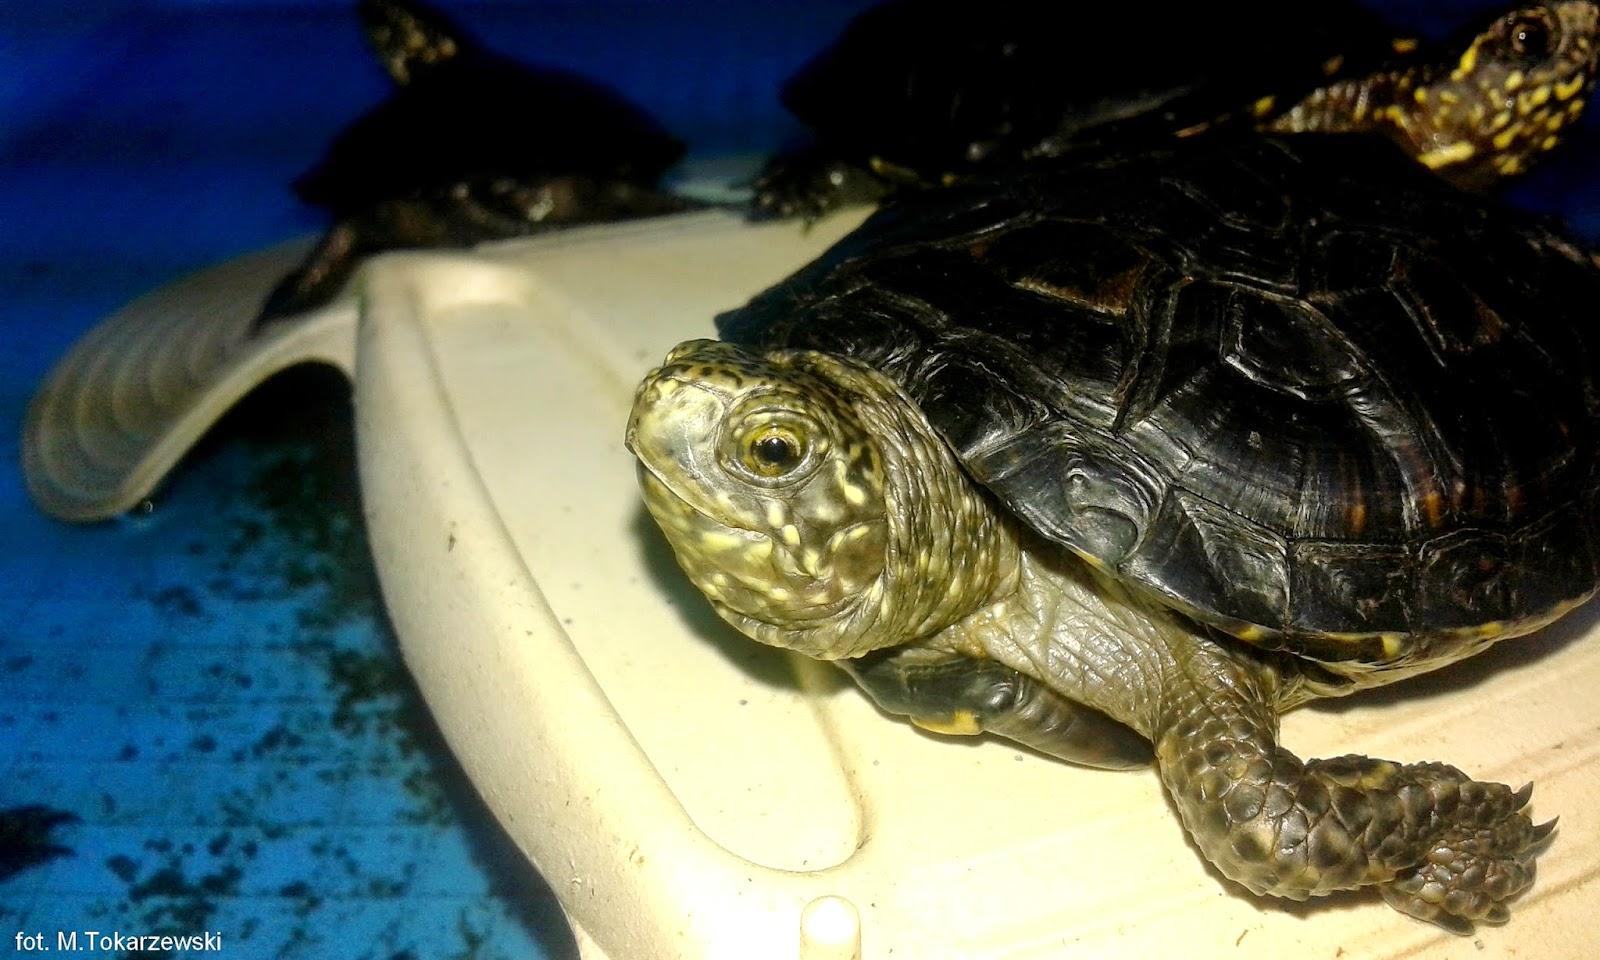 Ośrodek Ochrony Żółwia Błotnego PPN